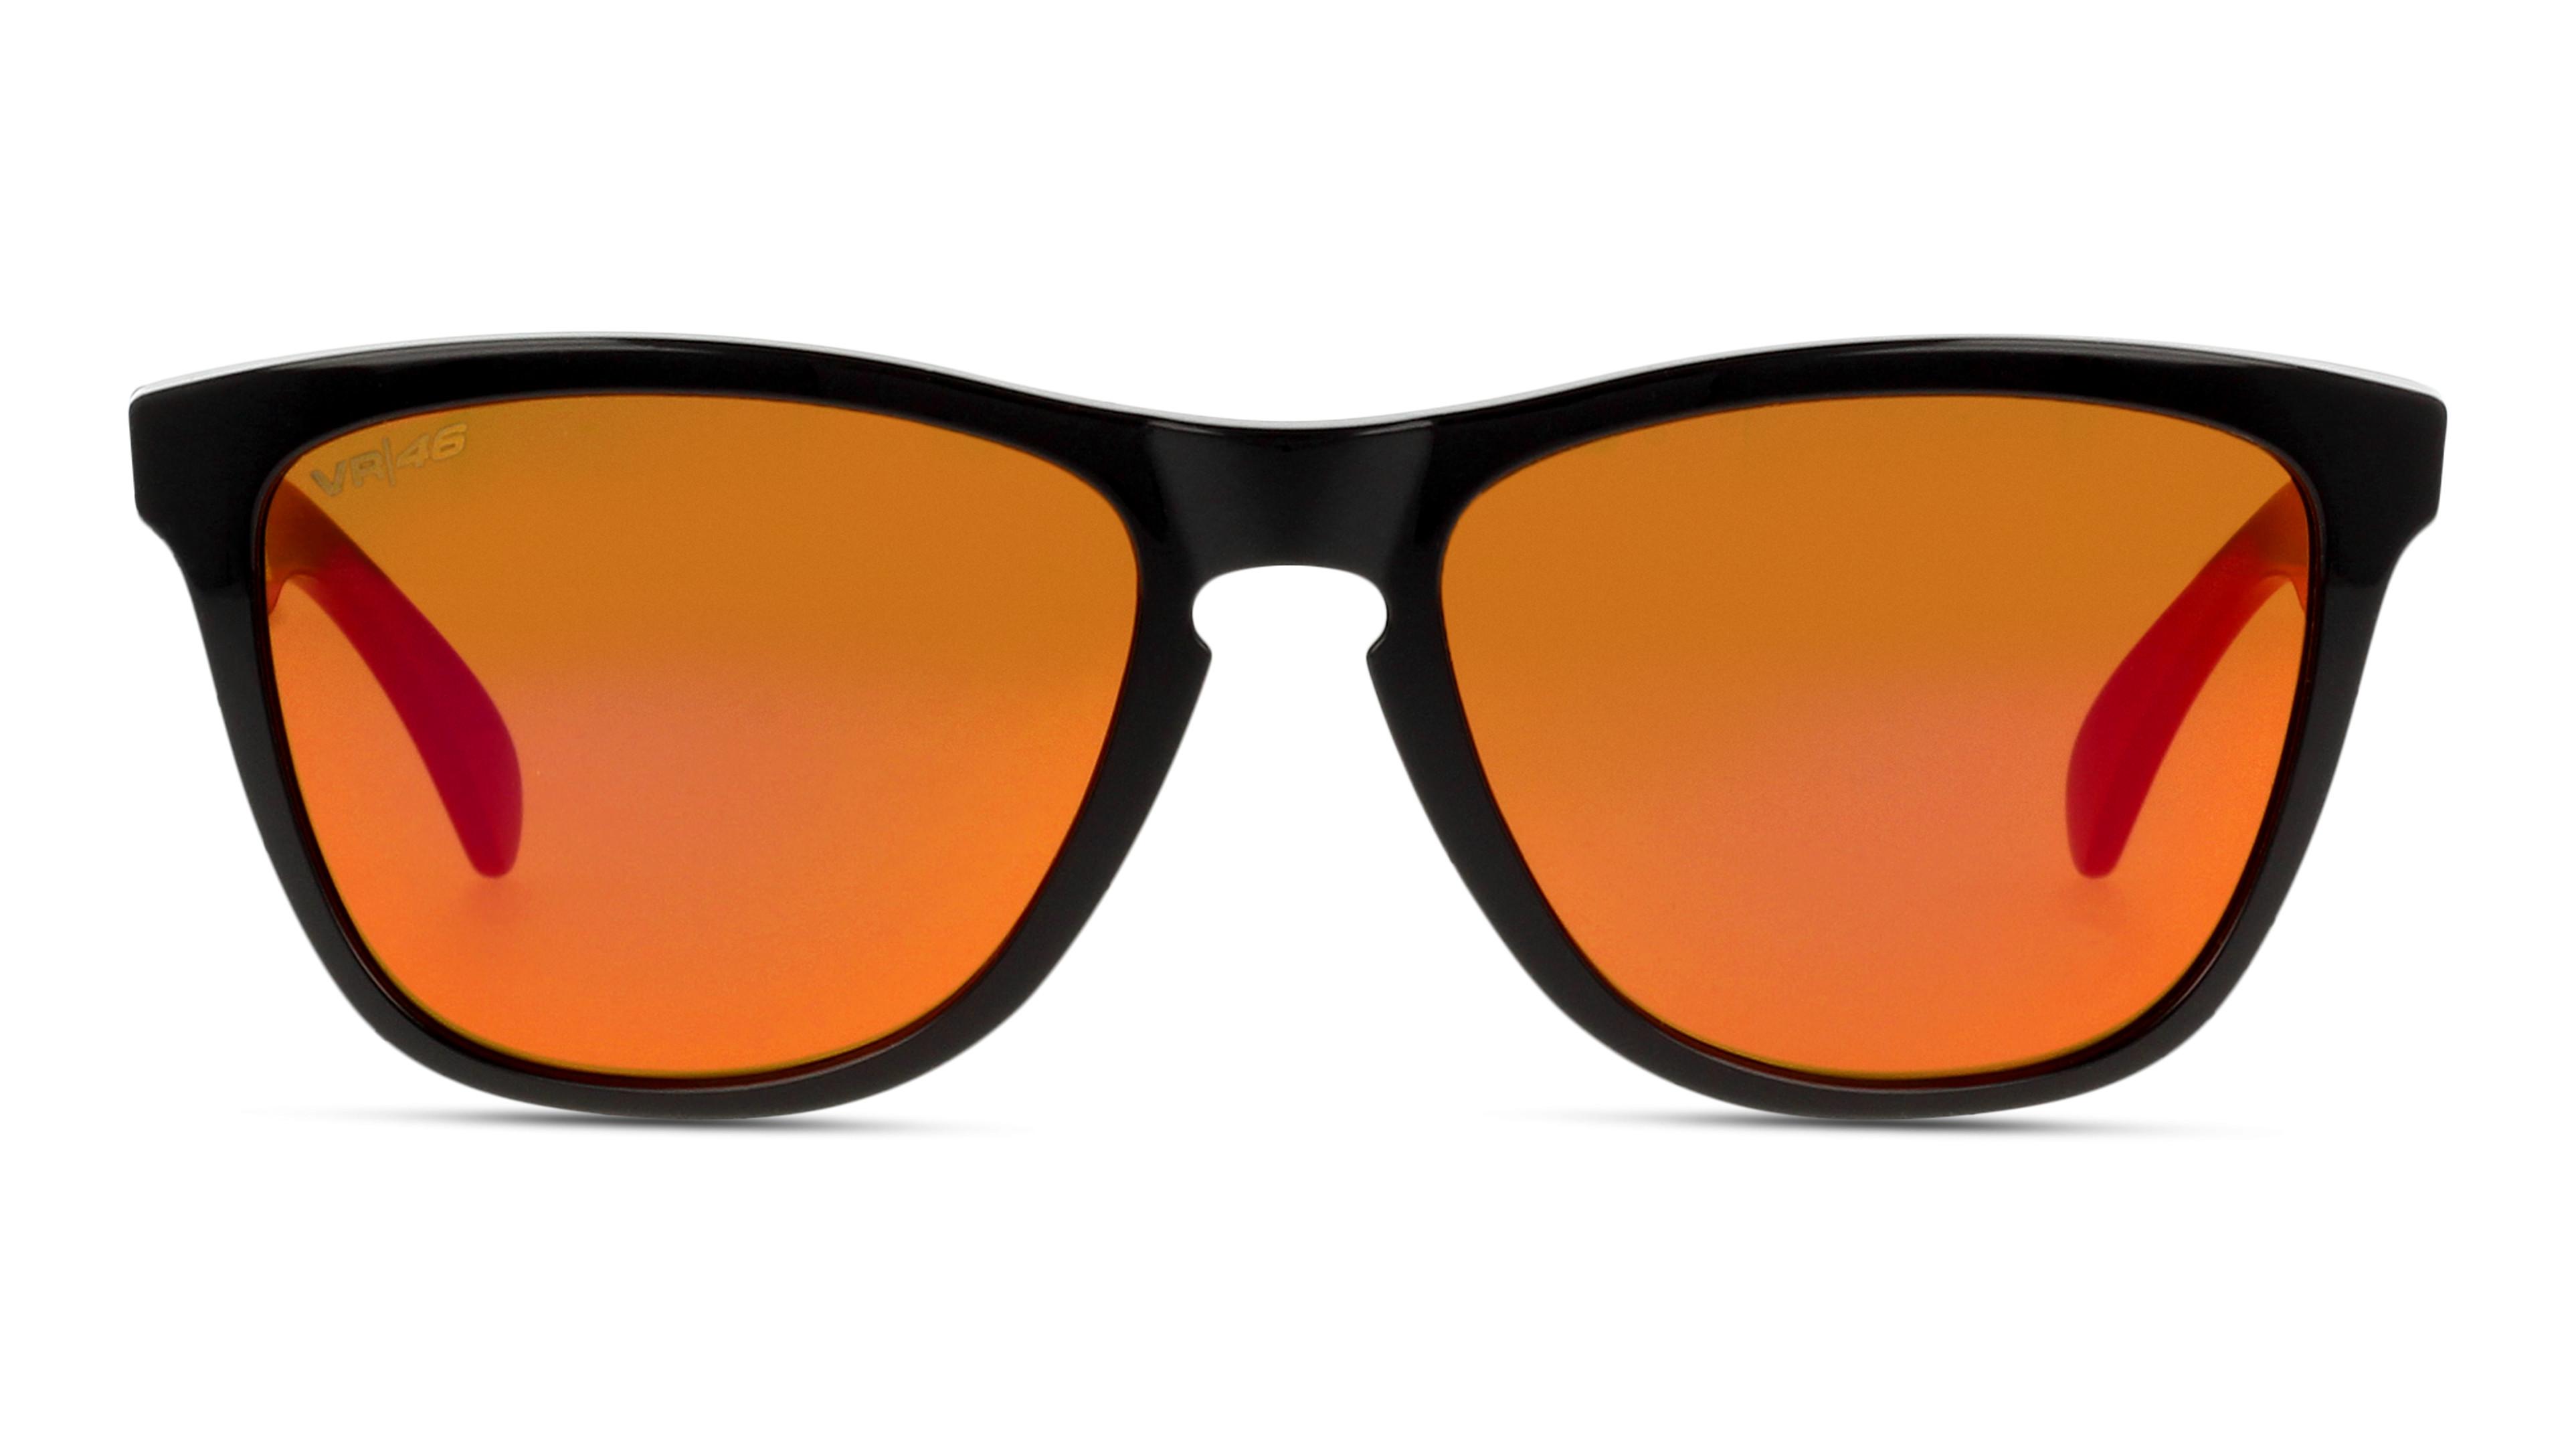 888392388759-front-01-oakley-0oo9013-FROGSKINS-polished-black